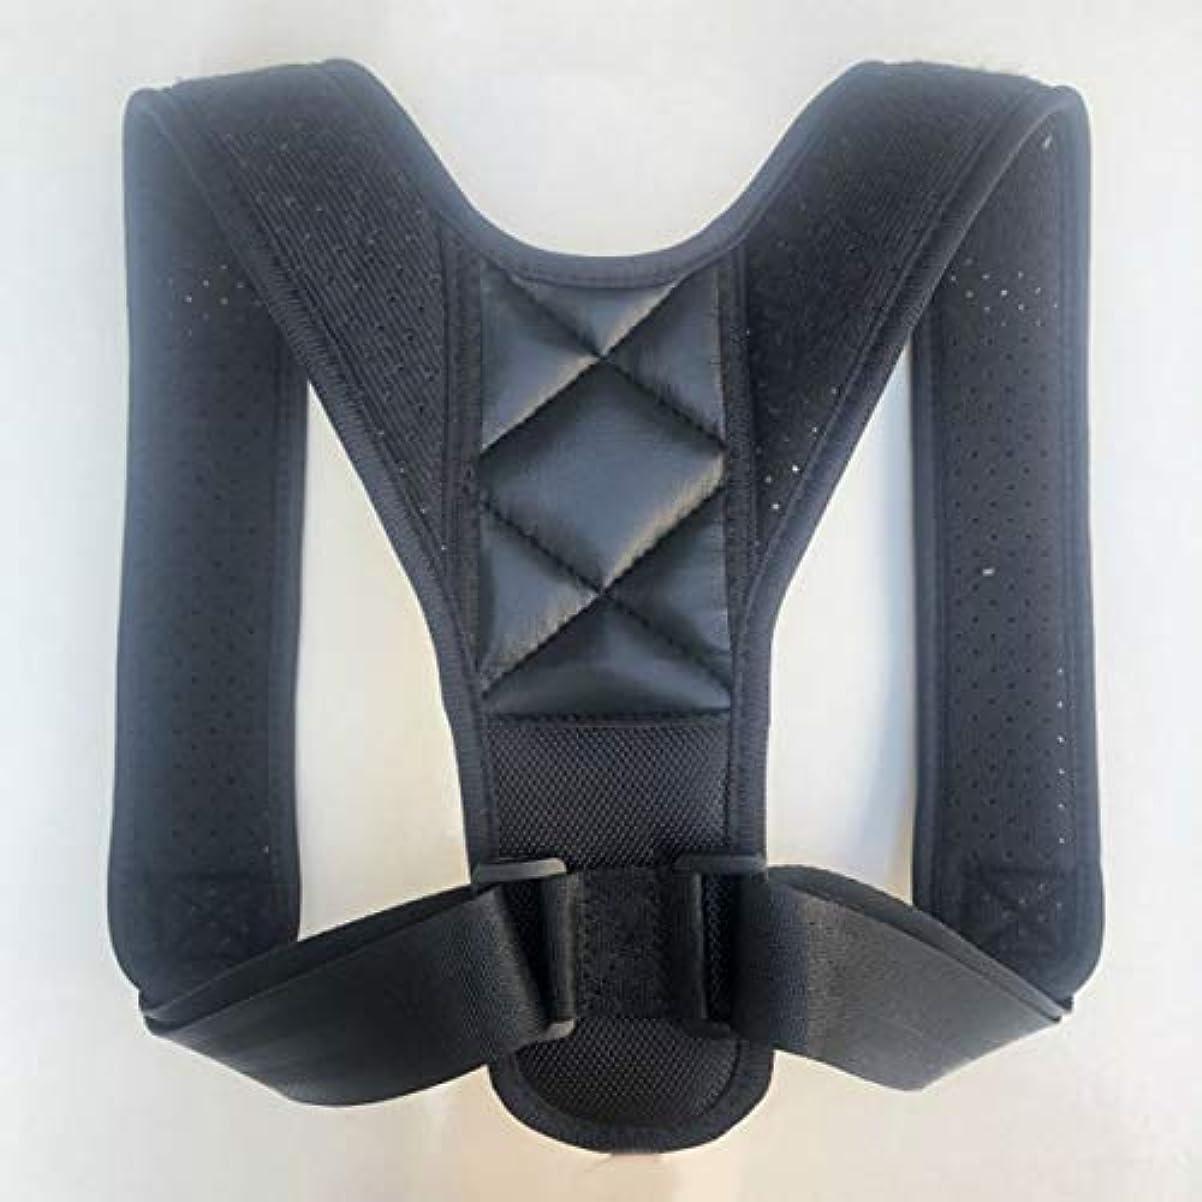 カプラー楽観宣言アッパーバックポスチャーコレクター姿勢鎖骨サポートコレクターバックストレートショルダーブレースストラップコレクター - ブラック